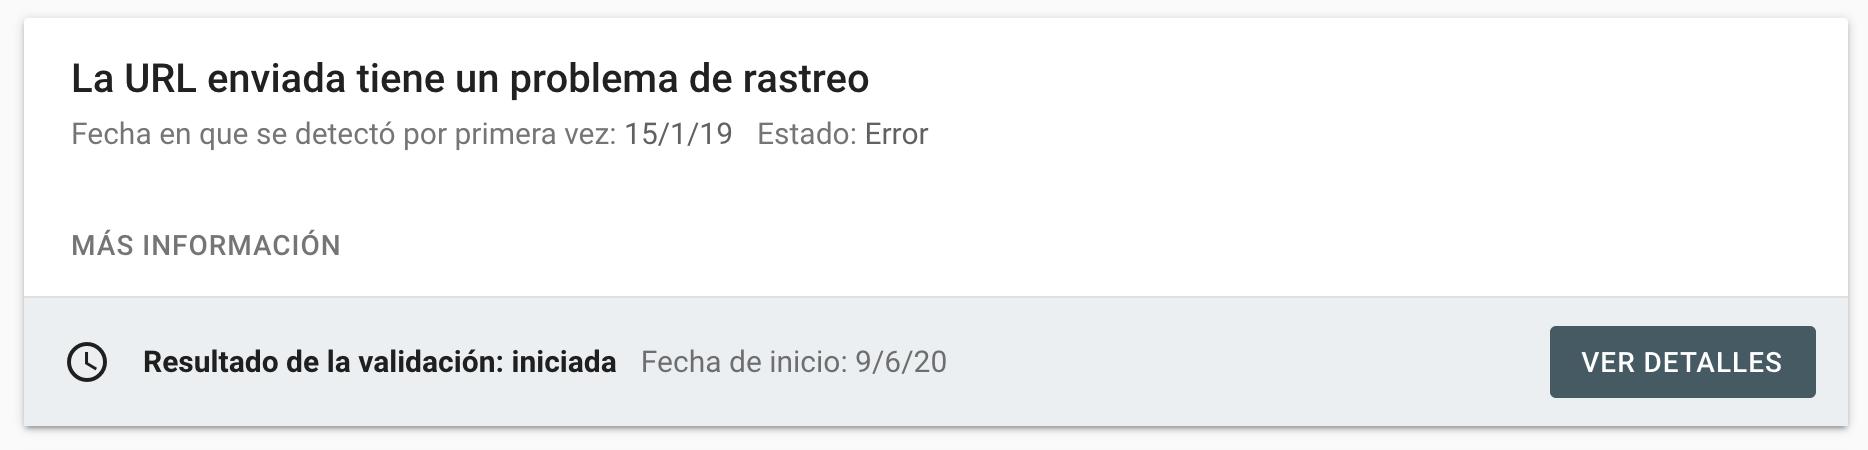 Problemas de Rastreo Google Search Console